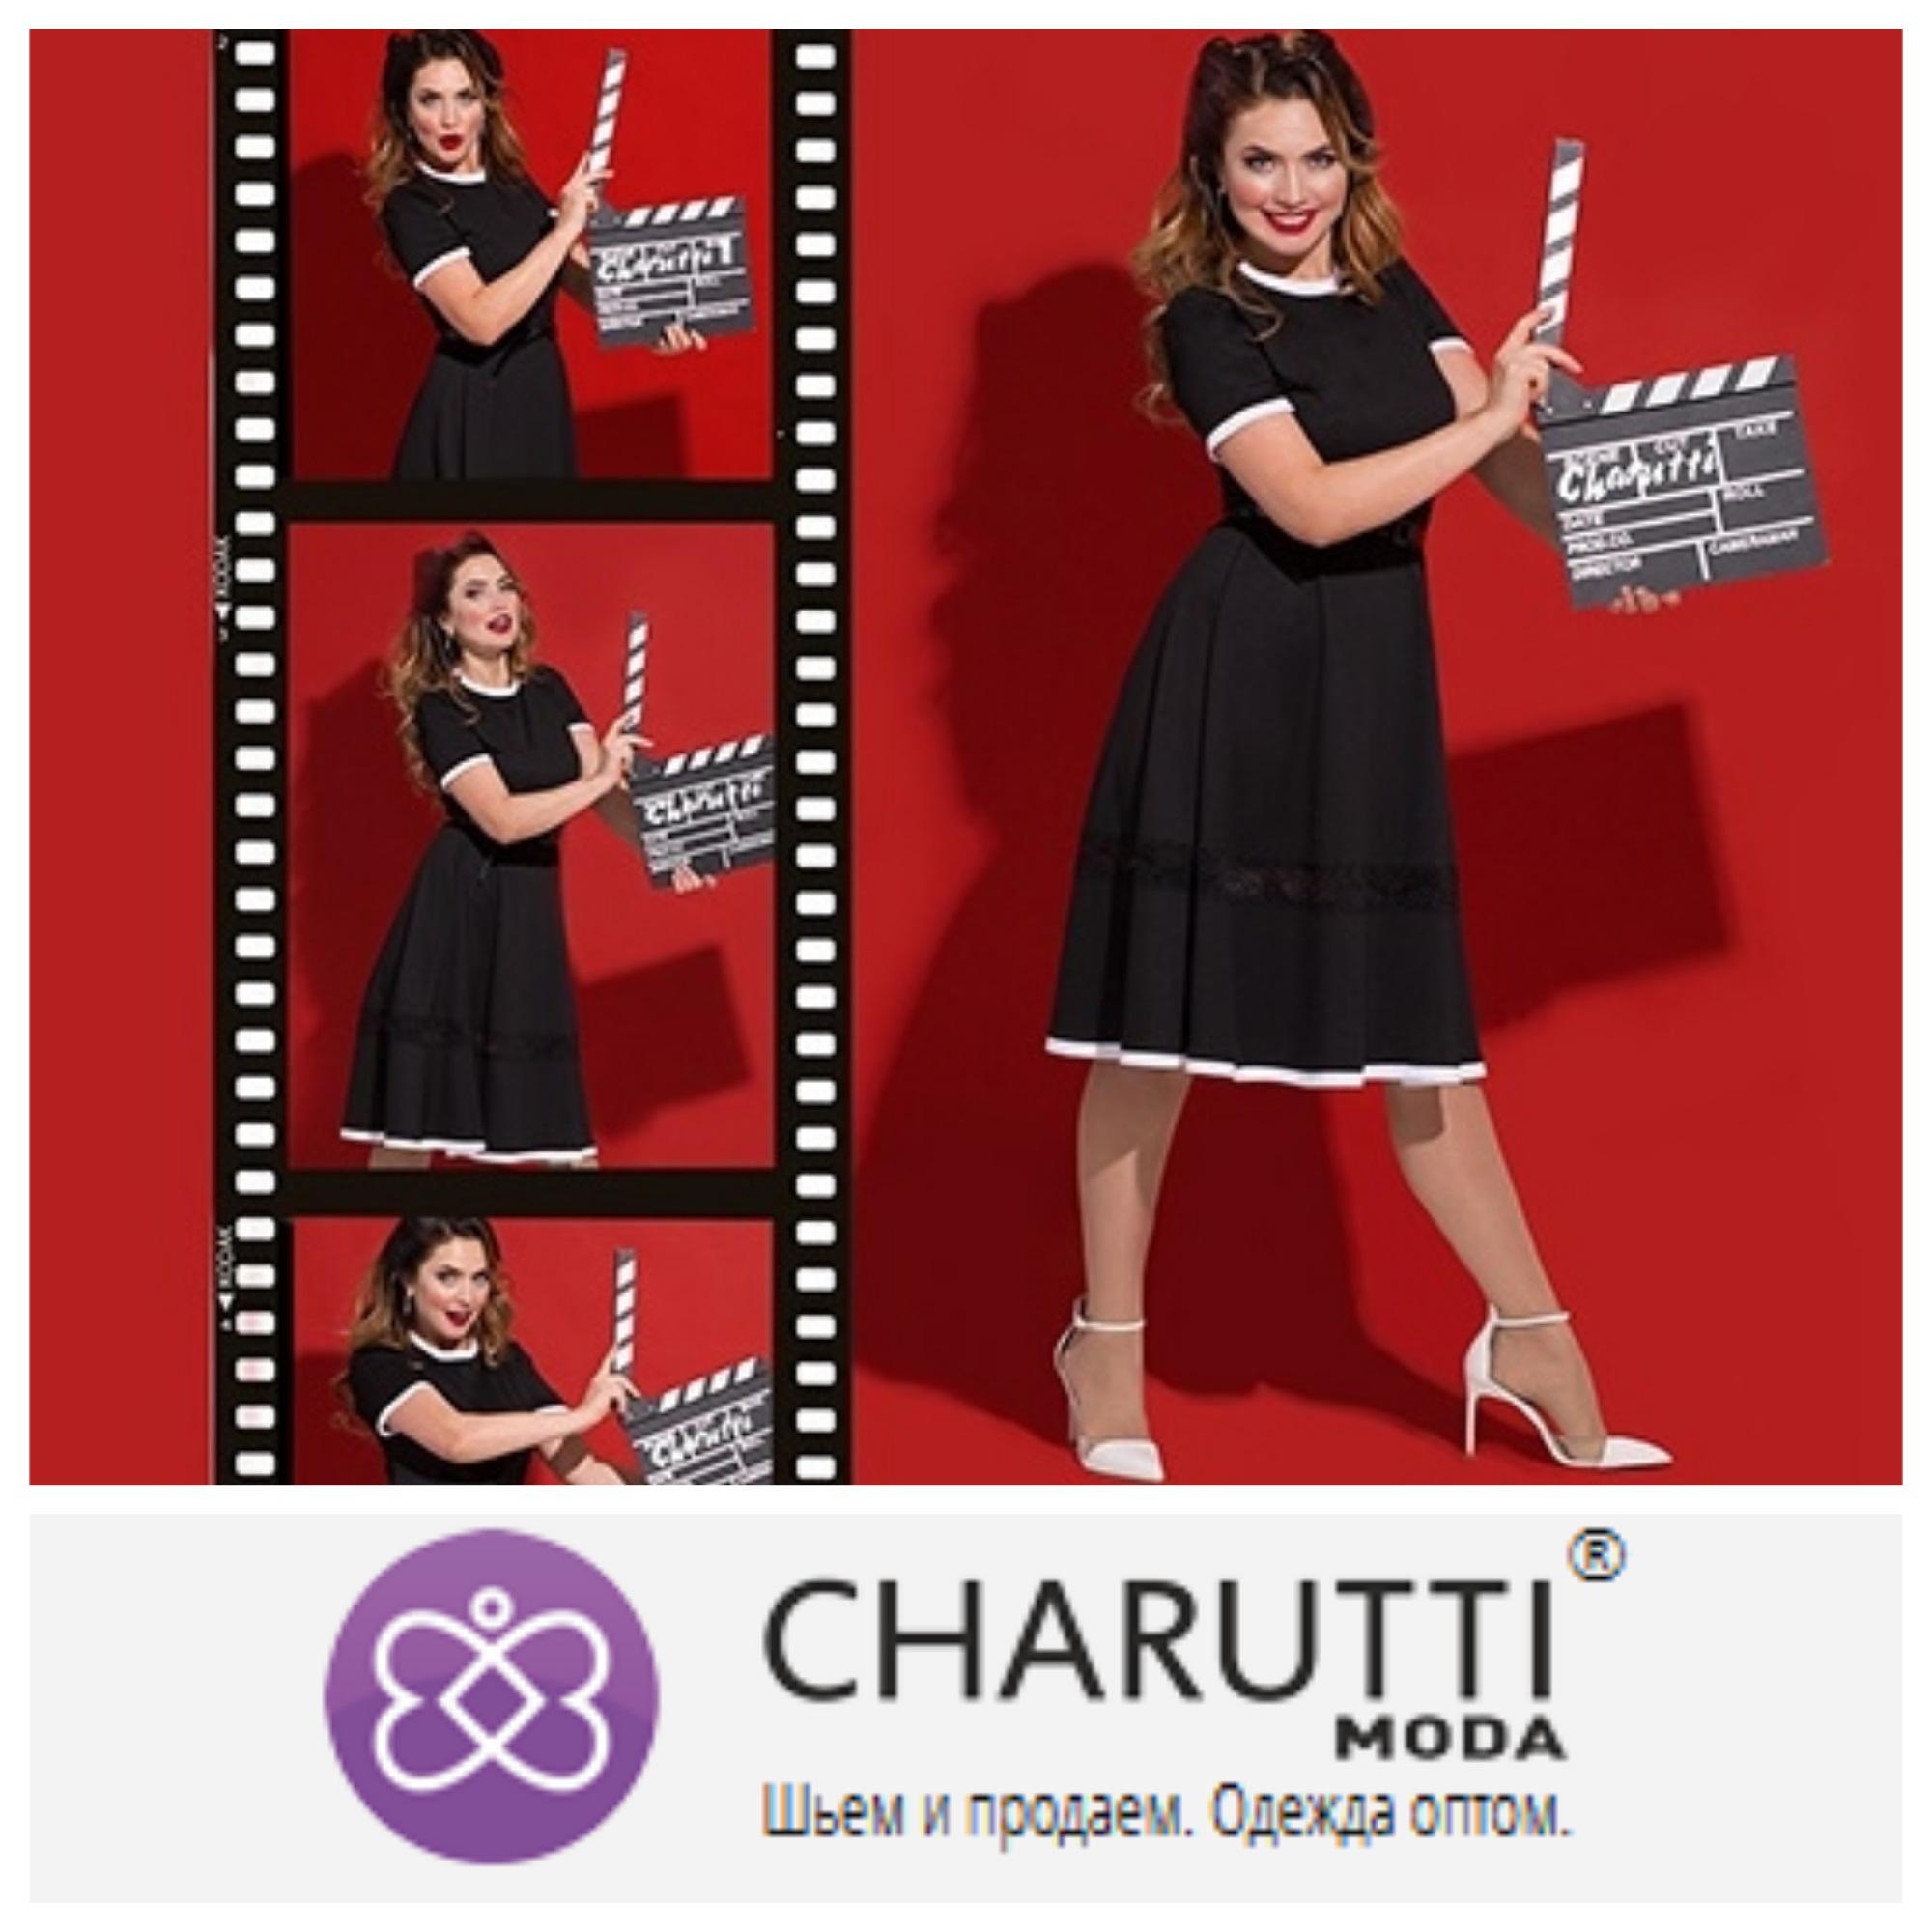 262d88ee0bc Чарутти - великолепная женская одежда от 44 до 56 размера! - Совместные  покупки по всей России